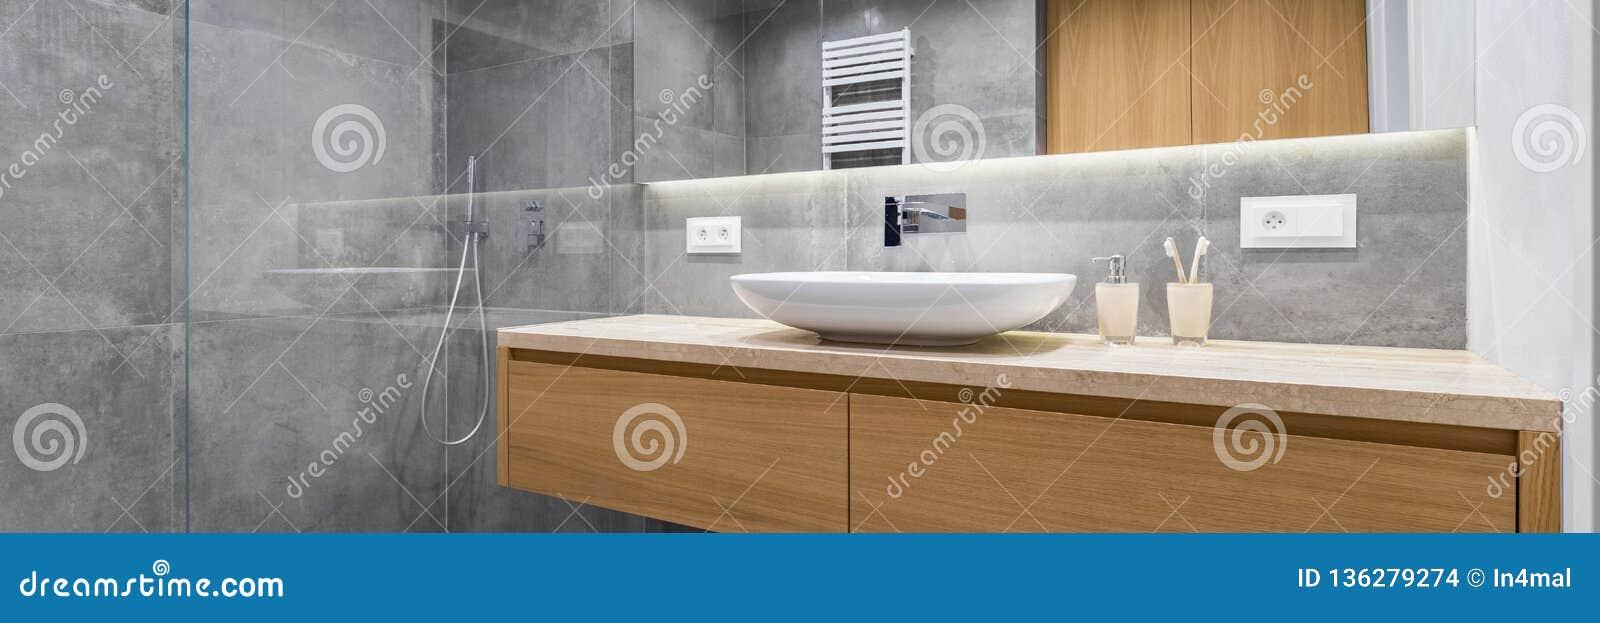 Cuarto de baño con la ducha y el espejo